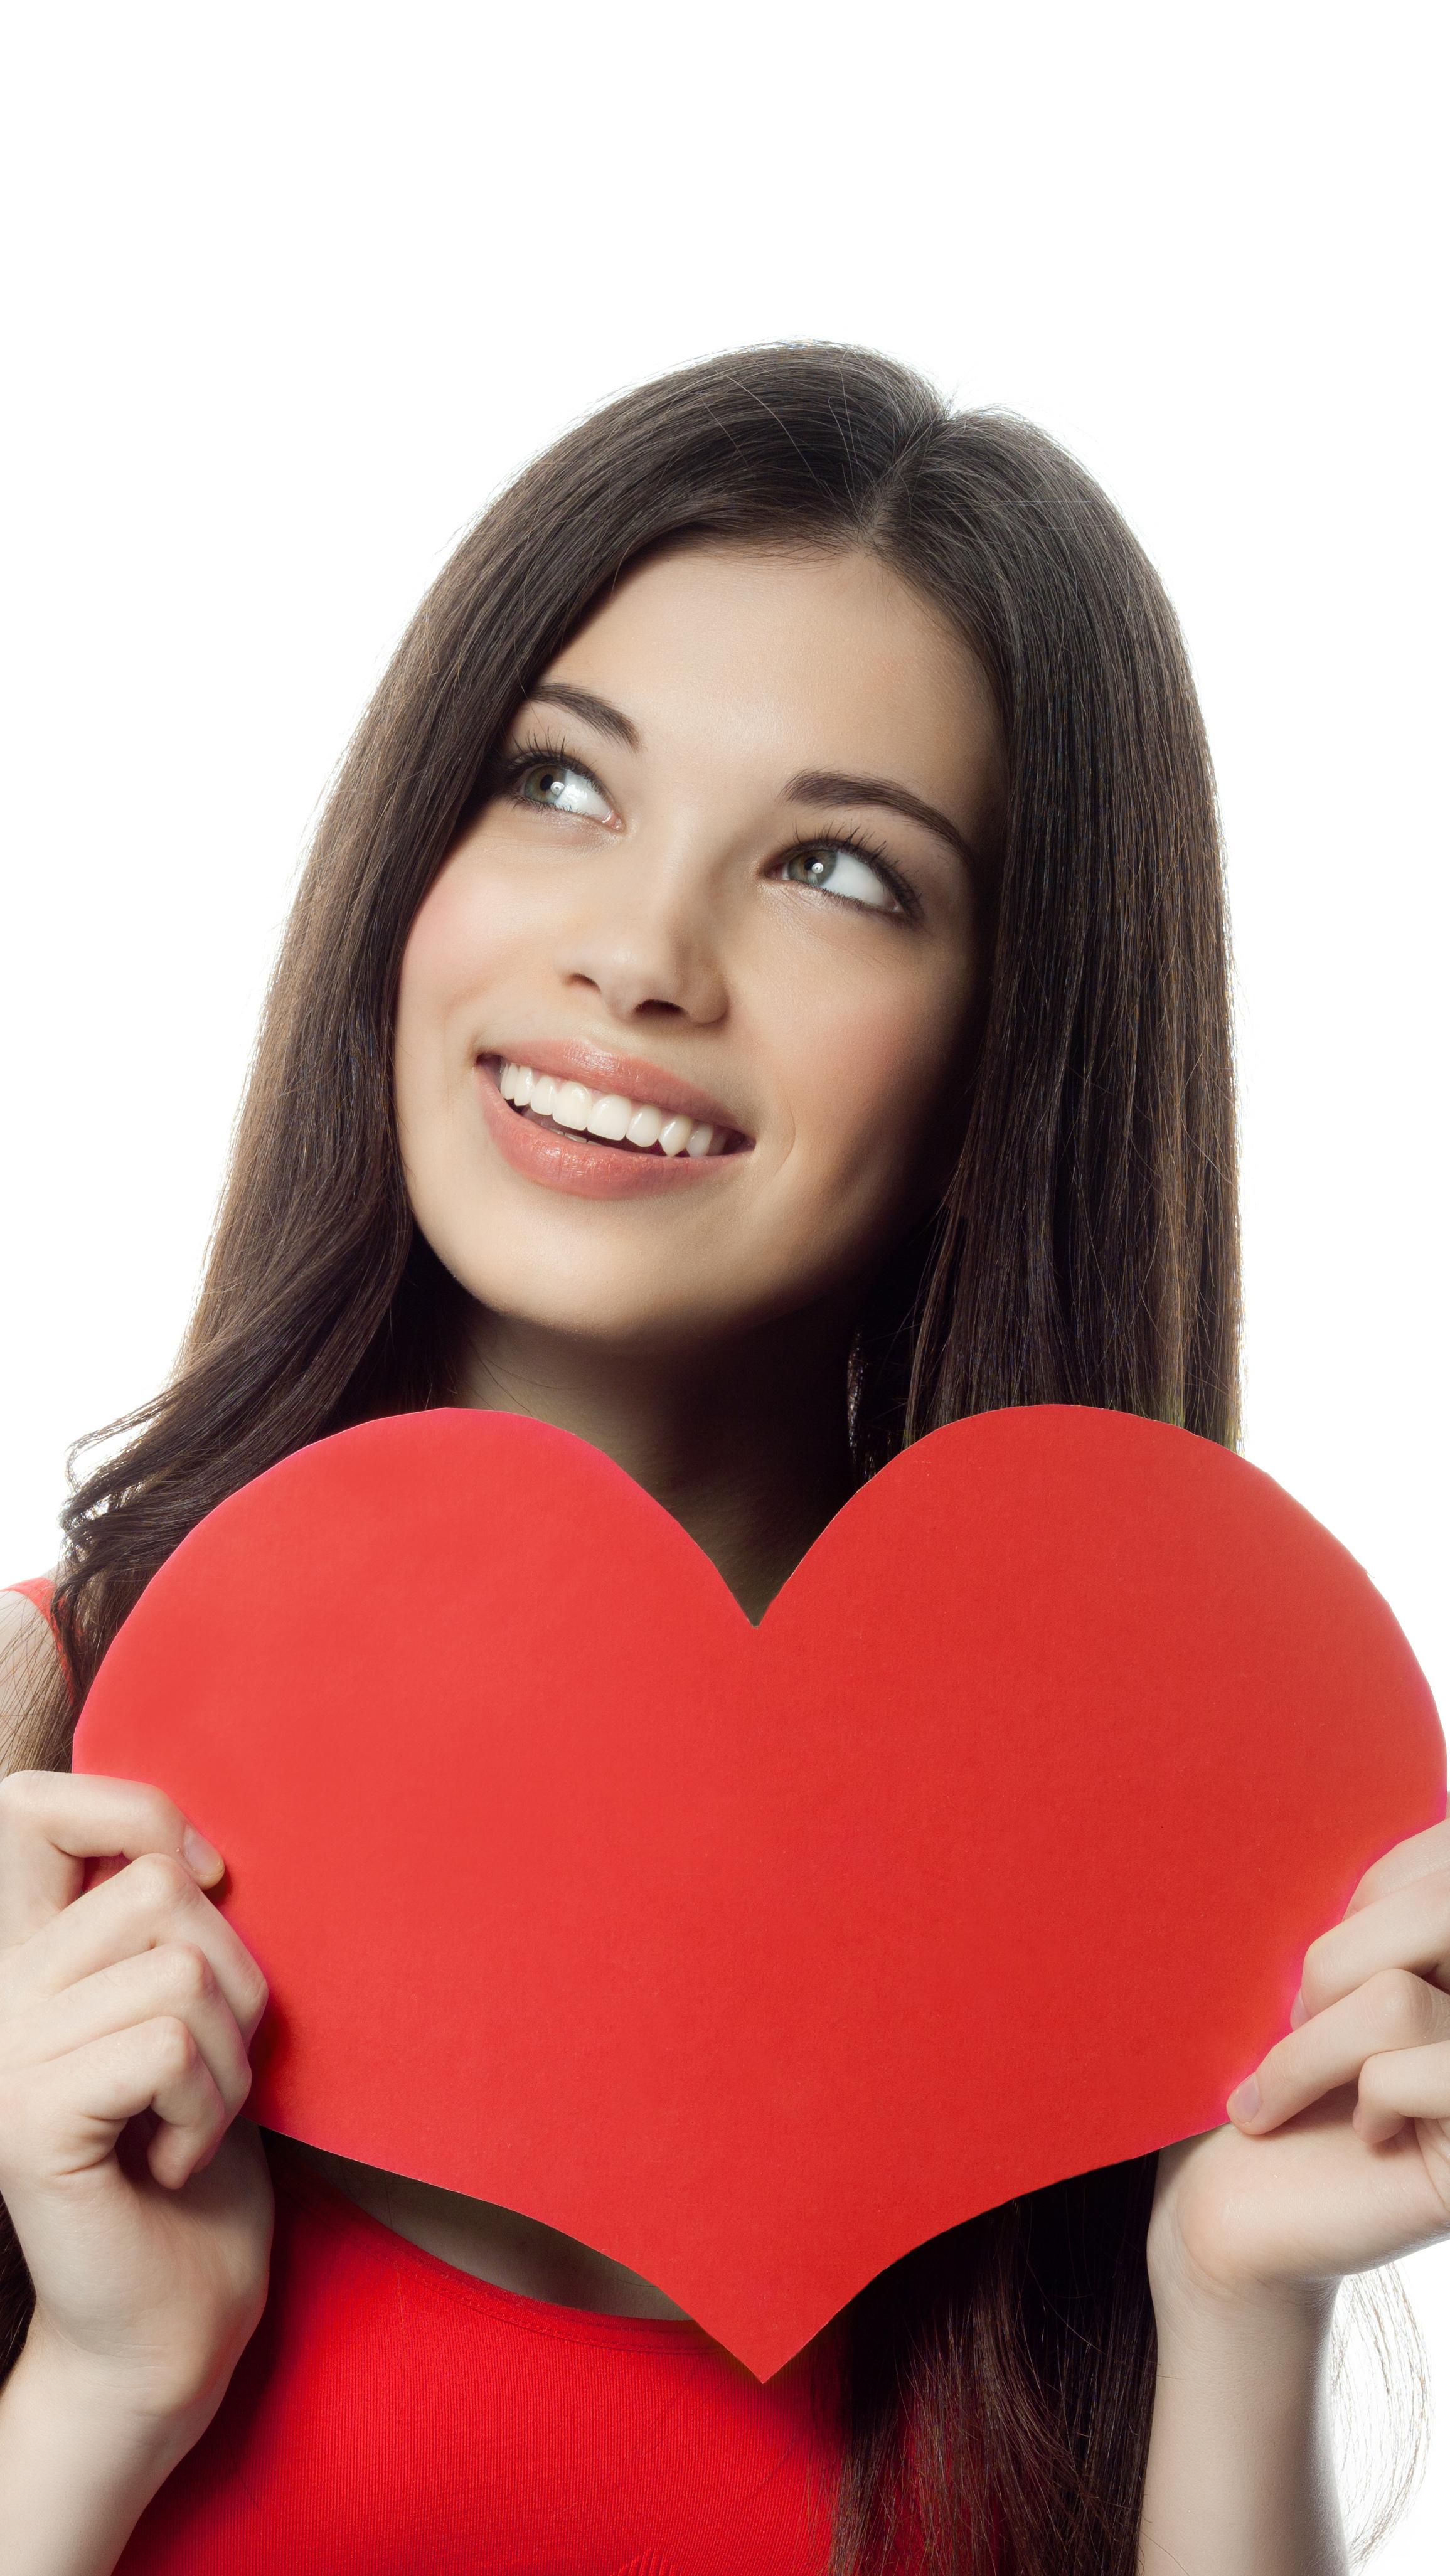 Szczęśliwa kobieta z czerwonym sercem